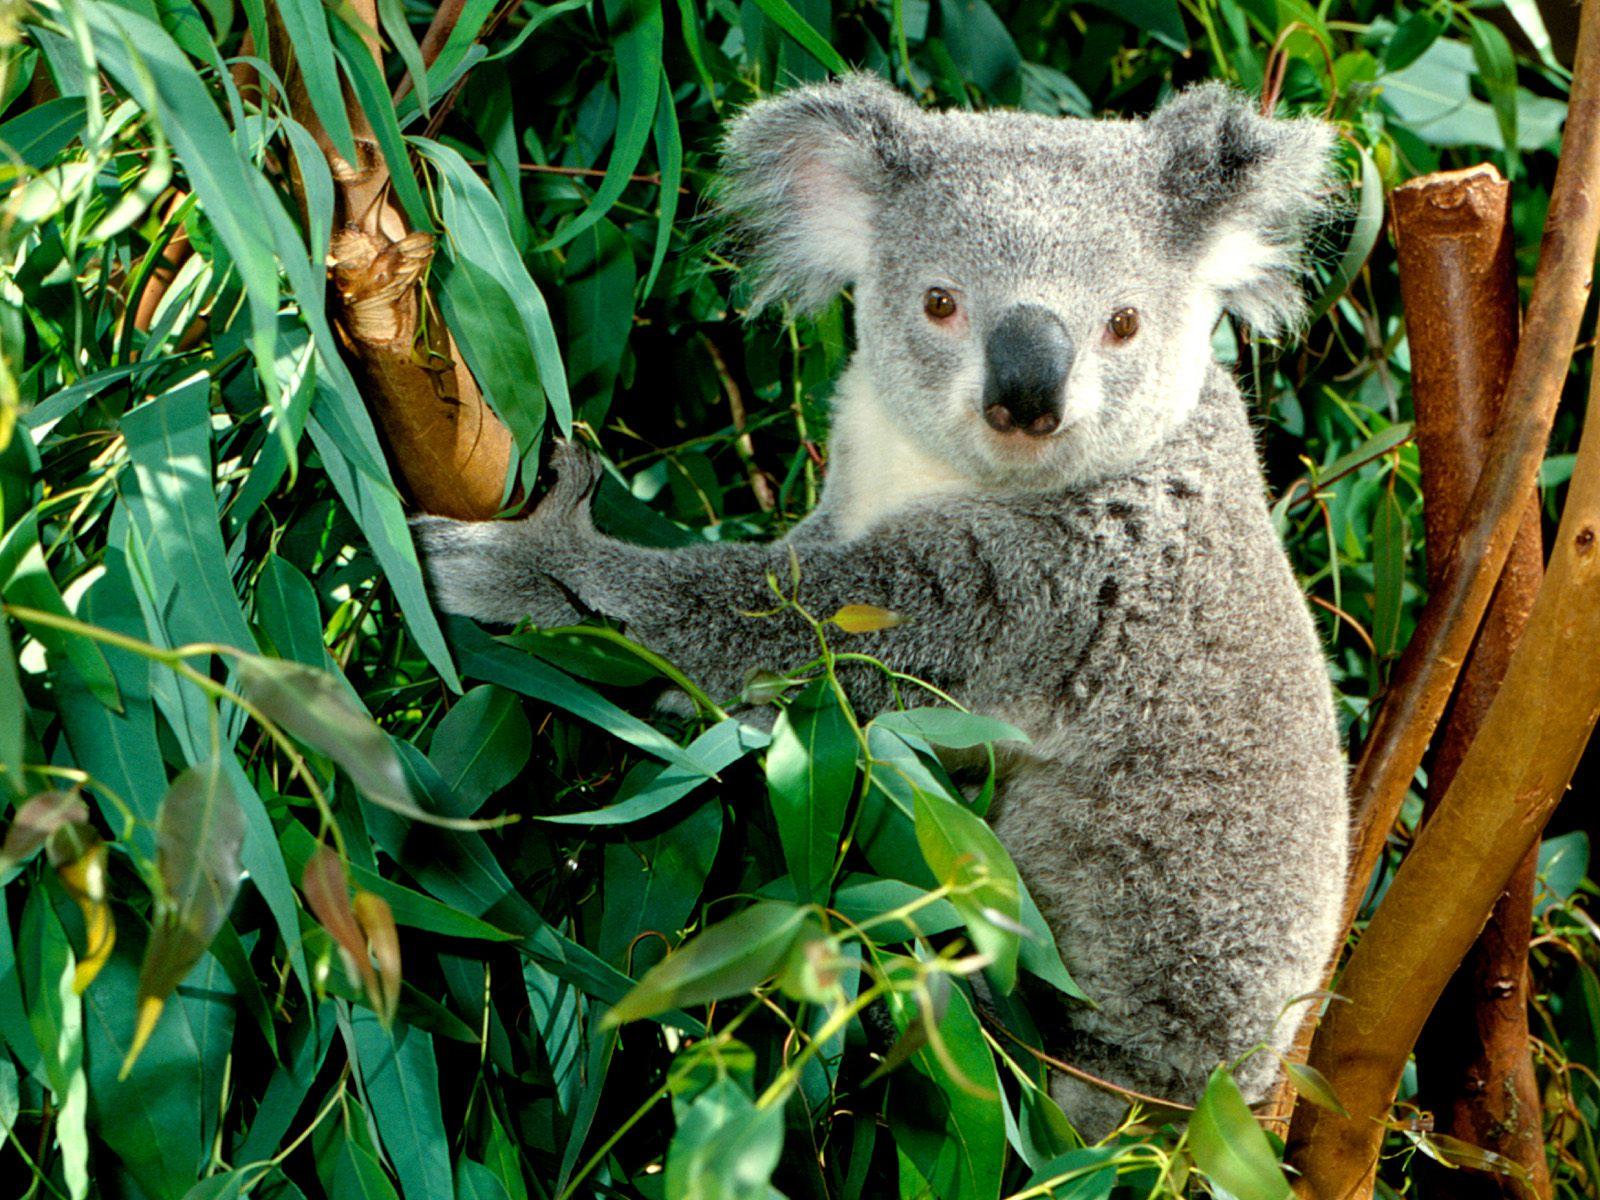 koala koala imagini koala fundaluri koala poze koala wallpapere koala ...